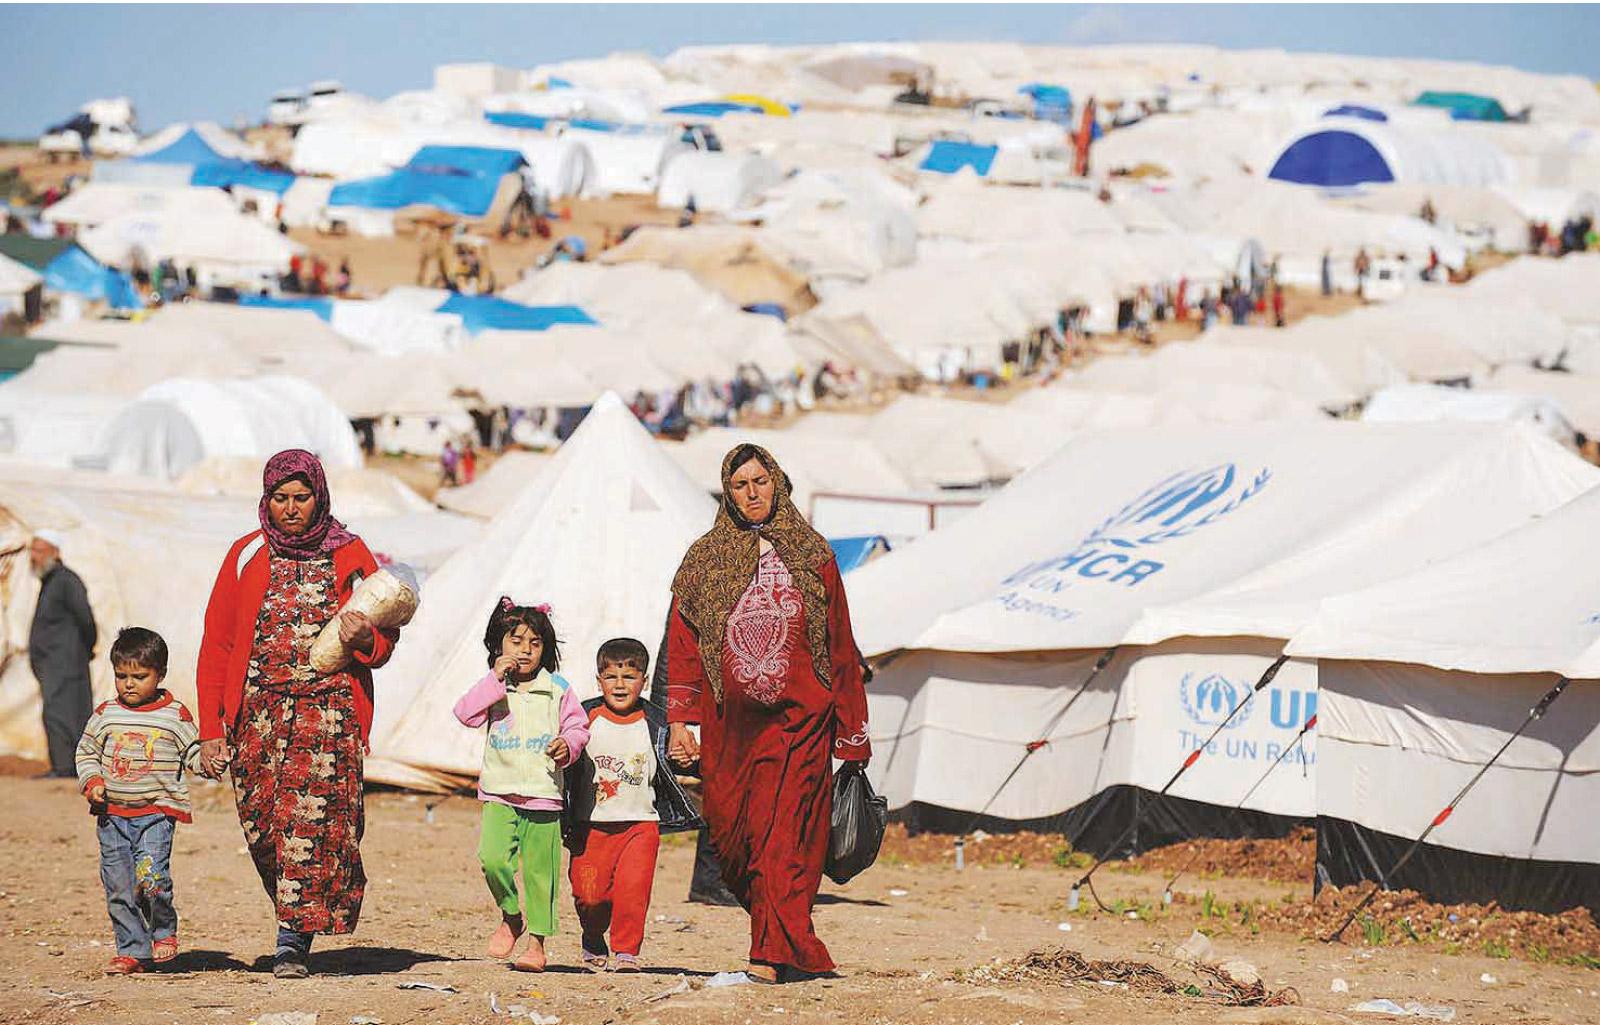 230 ألف شخص يموتون سنويّاً قبل الأوان في غرب آسيا بسبب مخاطر بيئية